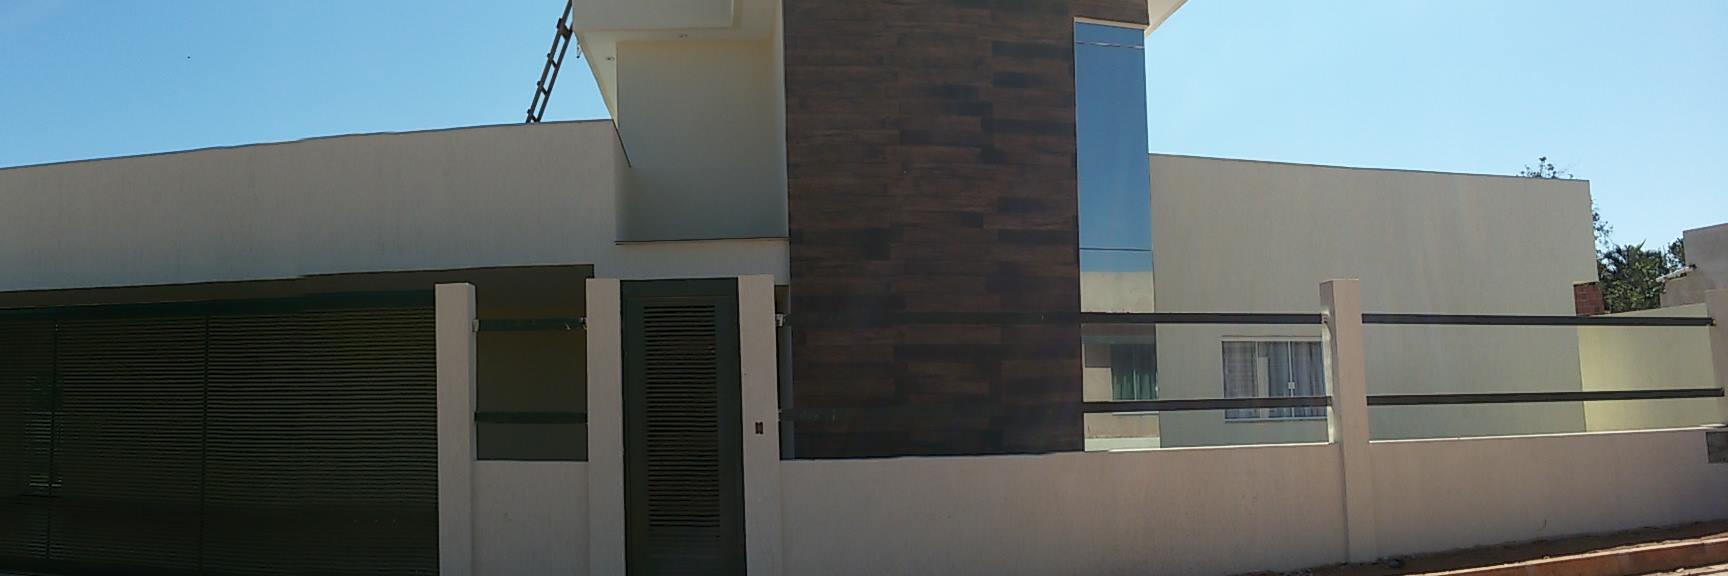 Empresa_de_Construção_e_Reforma_no_Lago_Sul,_Brasília,_Distrito_Federal.__(1)